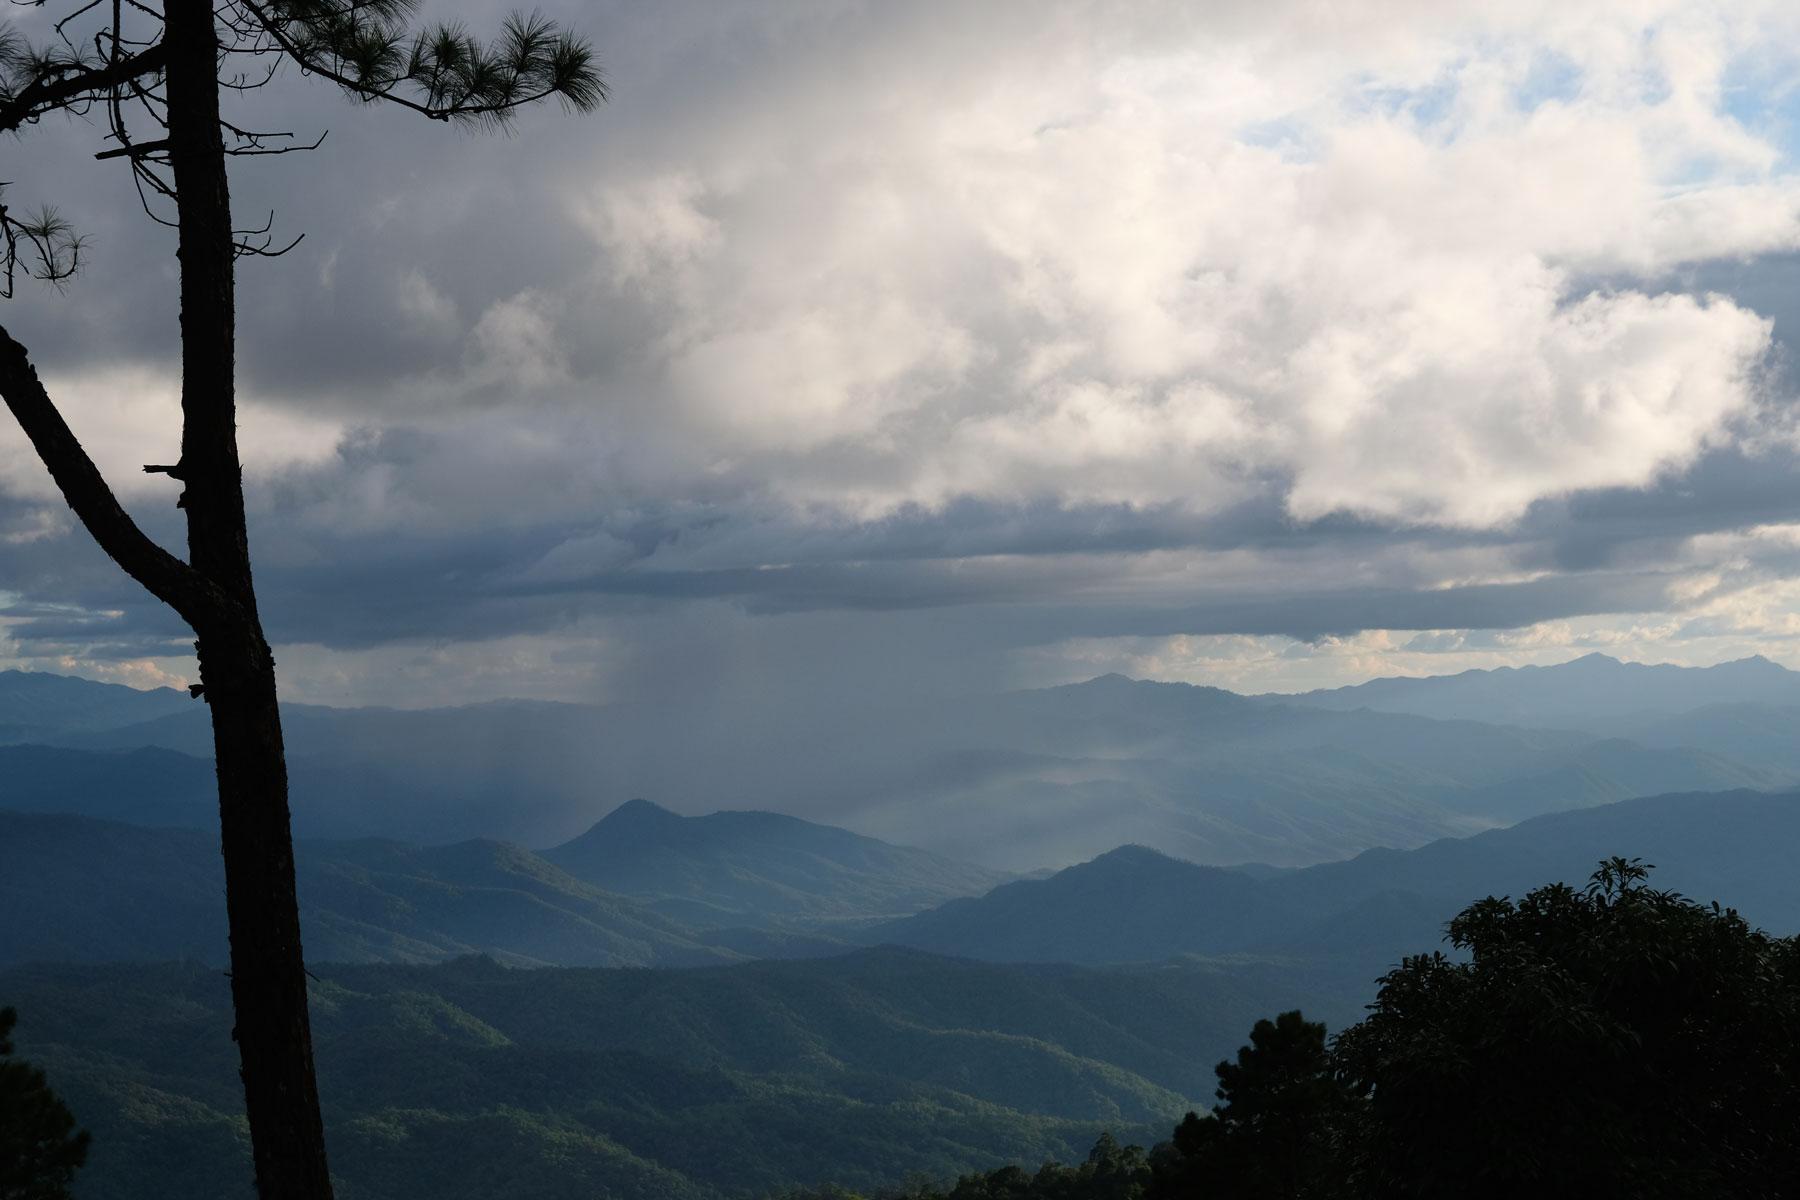 Dunkle Regenwolken ziehen über die Berge eines thailändischen Nationalparks.